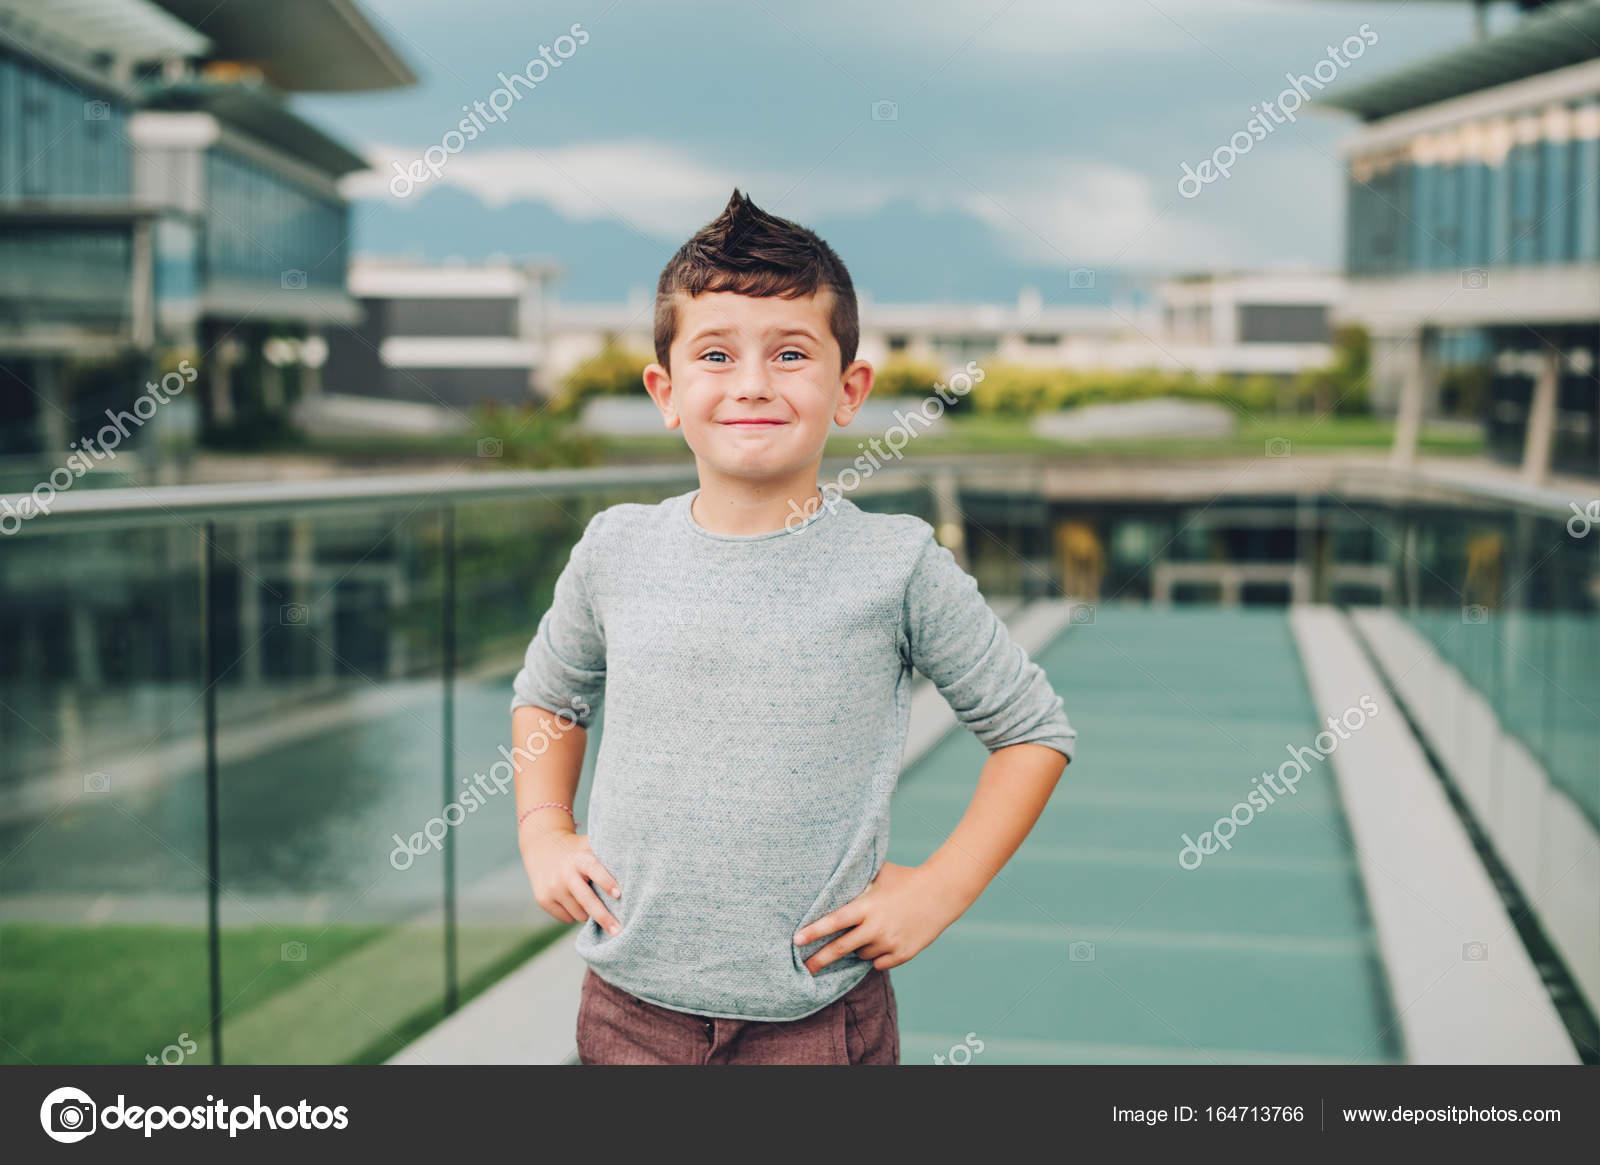 Retrato Al Aire Libre De Lindo Niño De 6 Años Usando Suéter